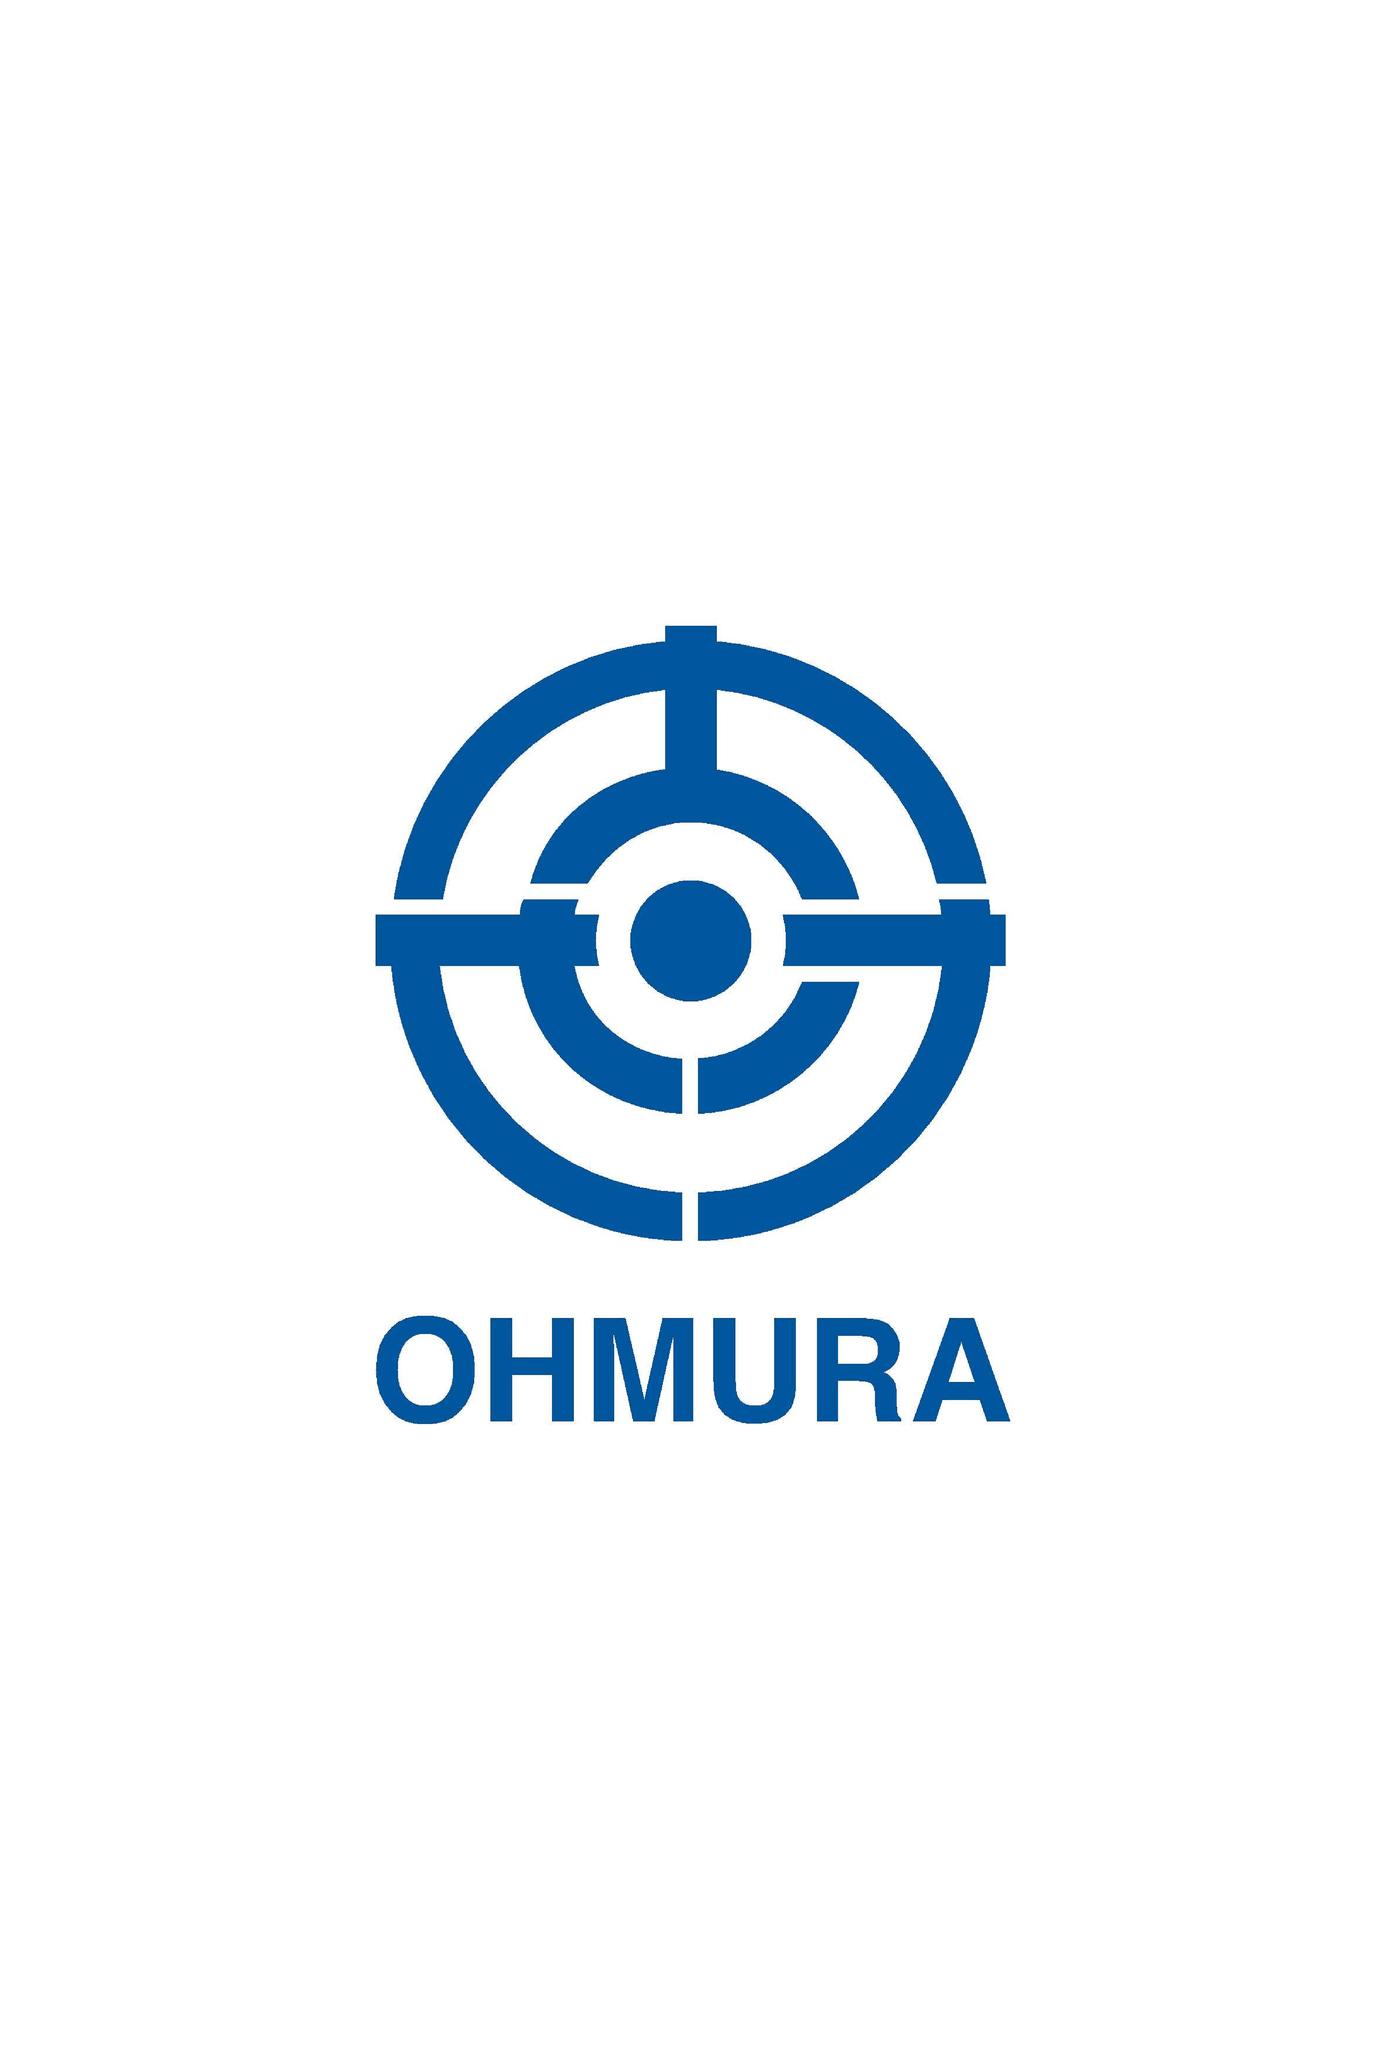 Ohmura Manufacturing Co. Ltd.